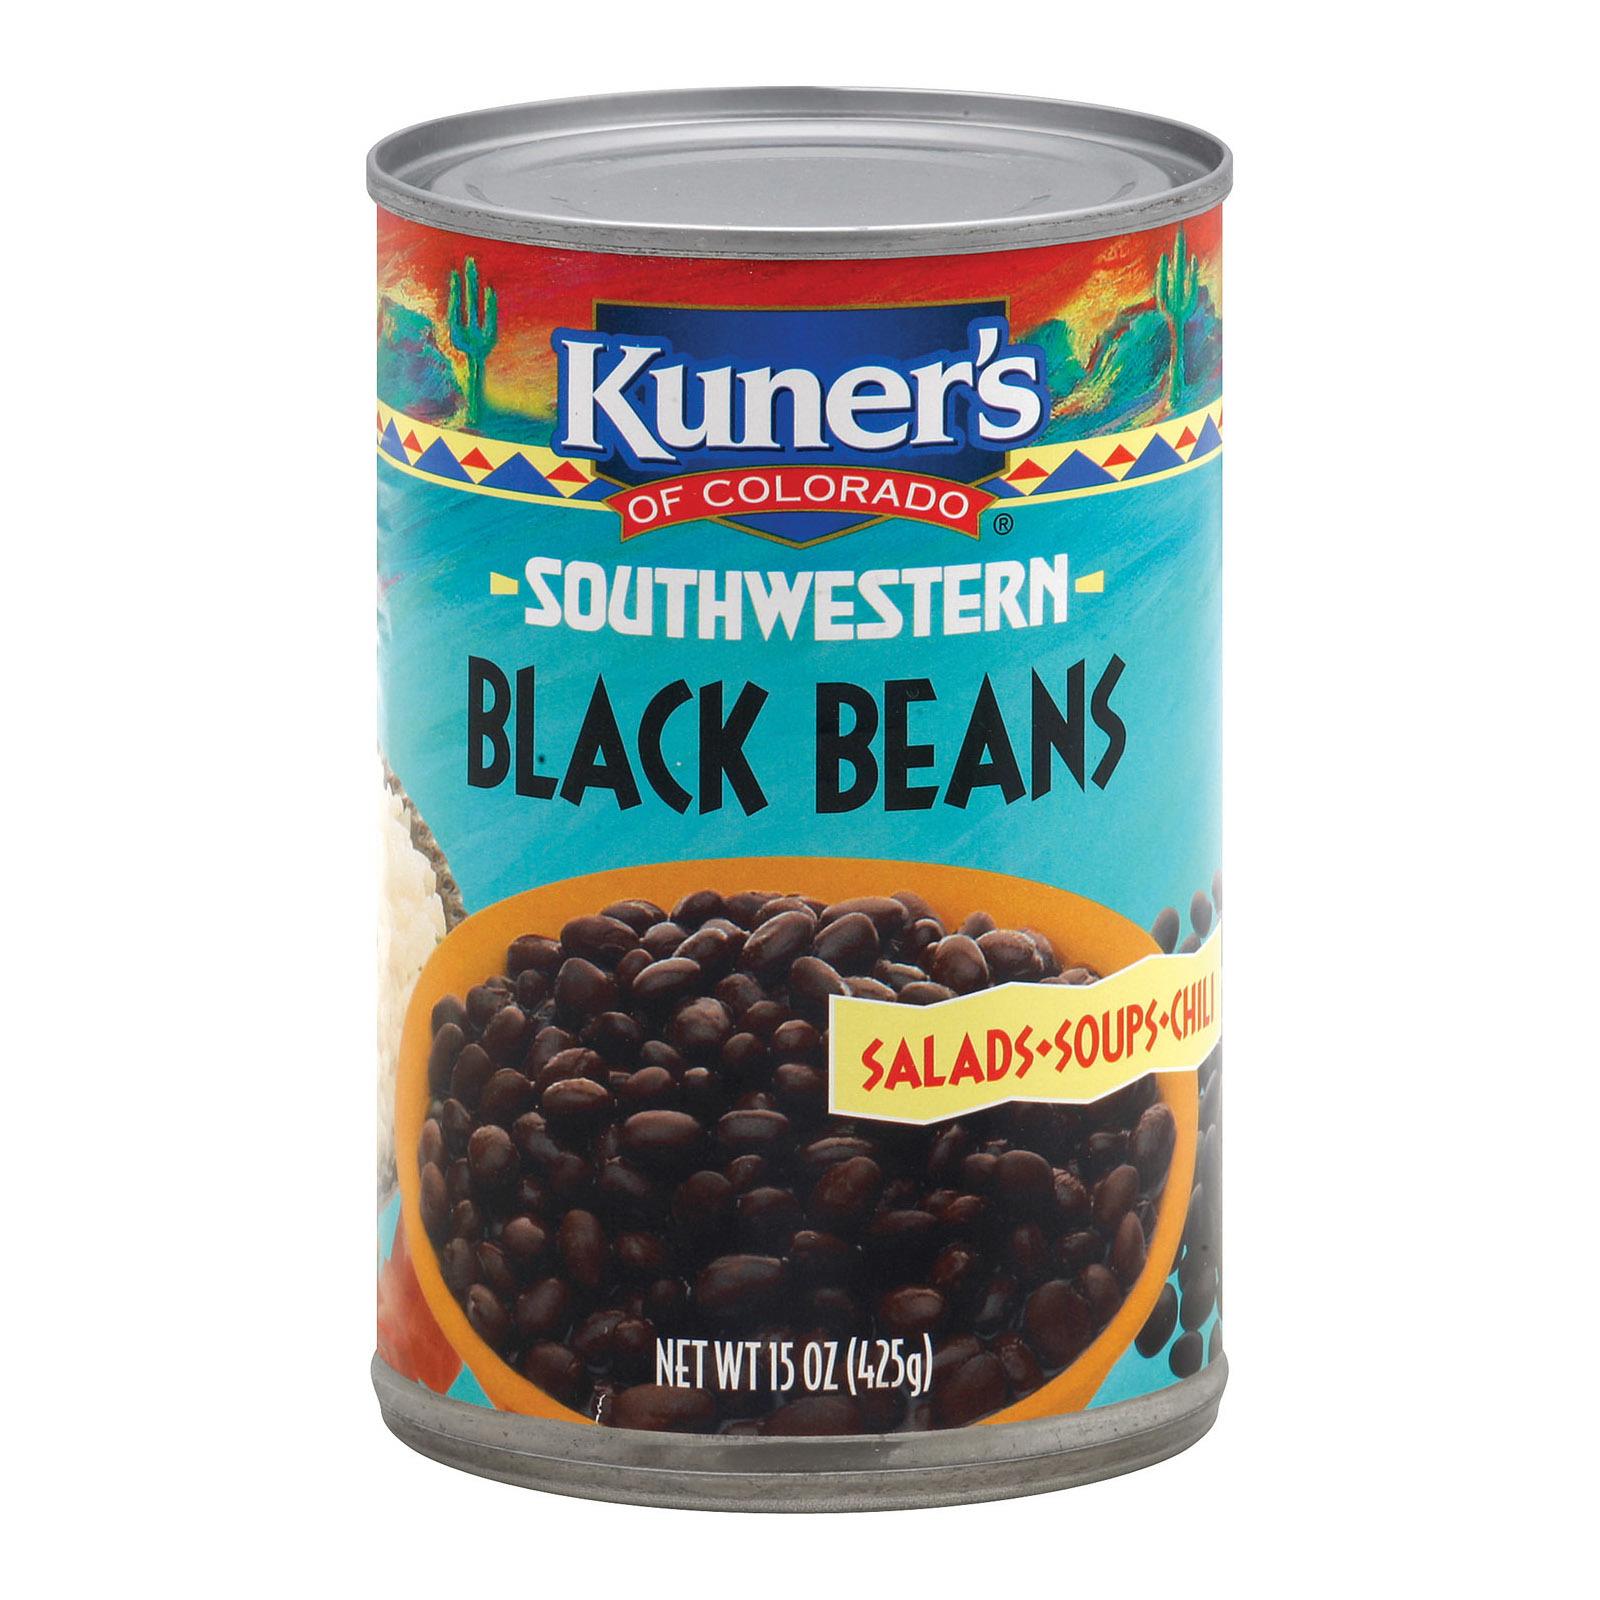 Kuner Black Beans - 15 oz.